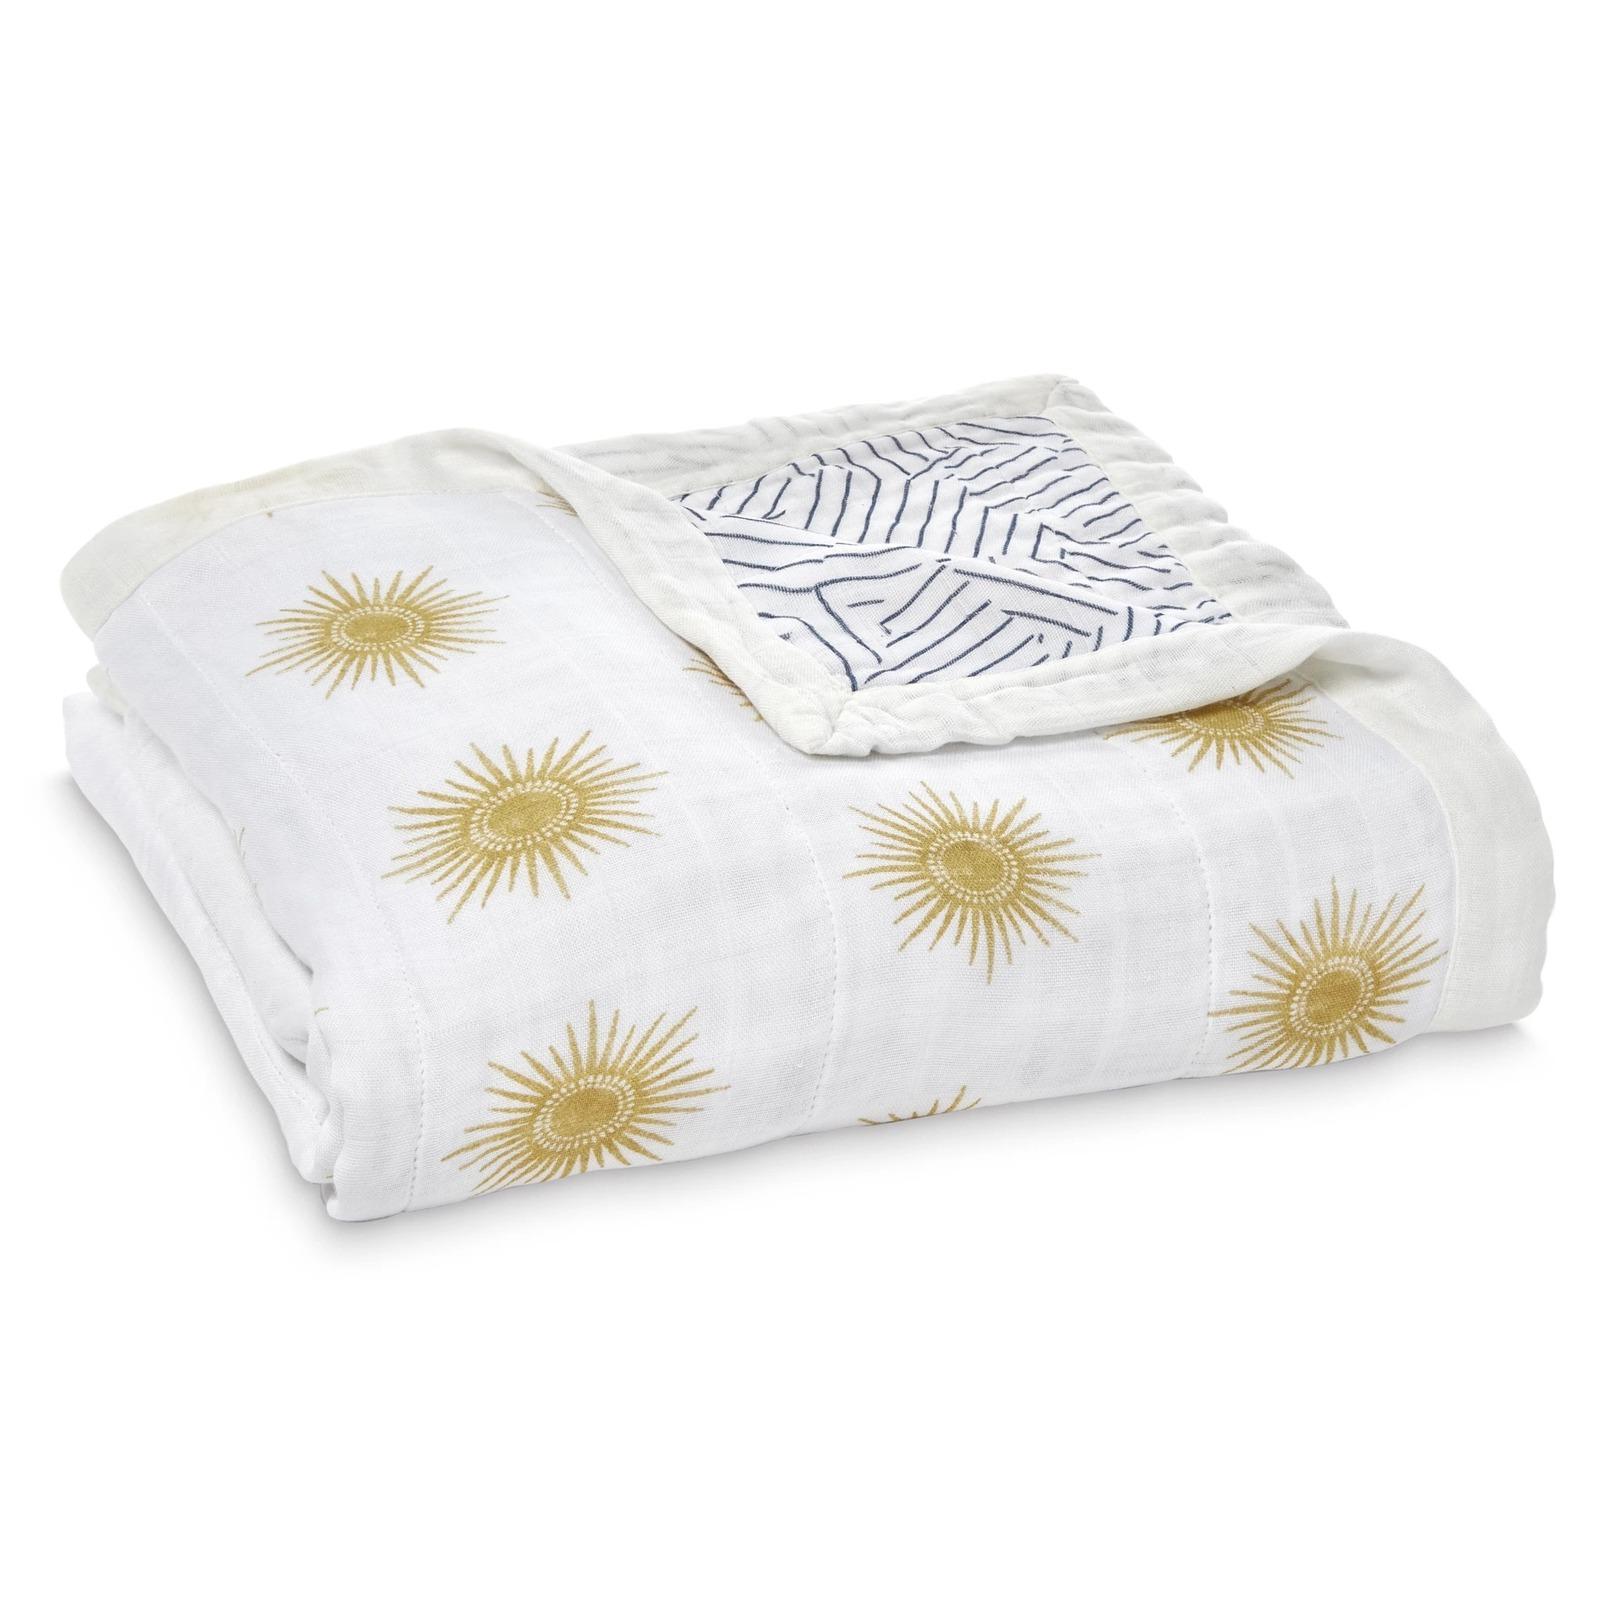 Aden + Anais: Silky Soft Bamboo Dream Blanket - Golden Sun image